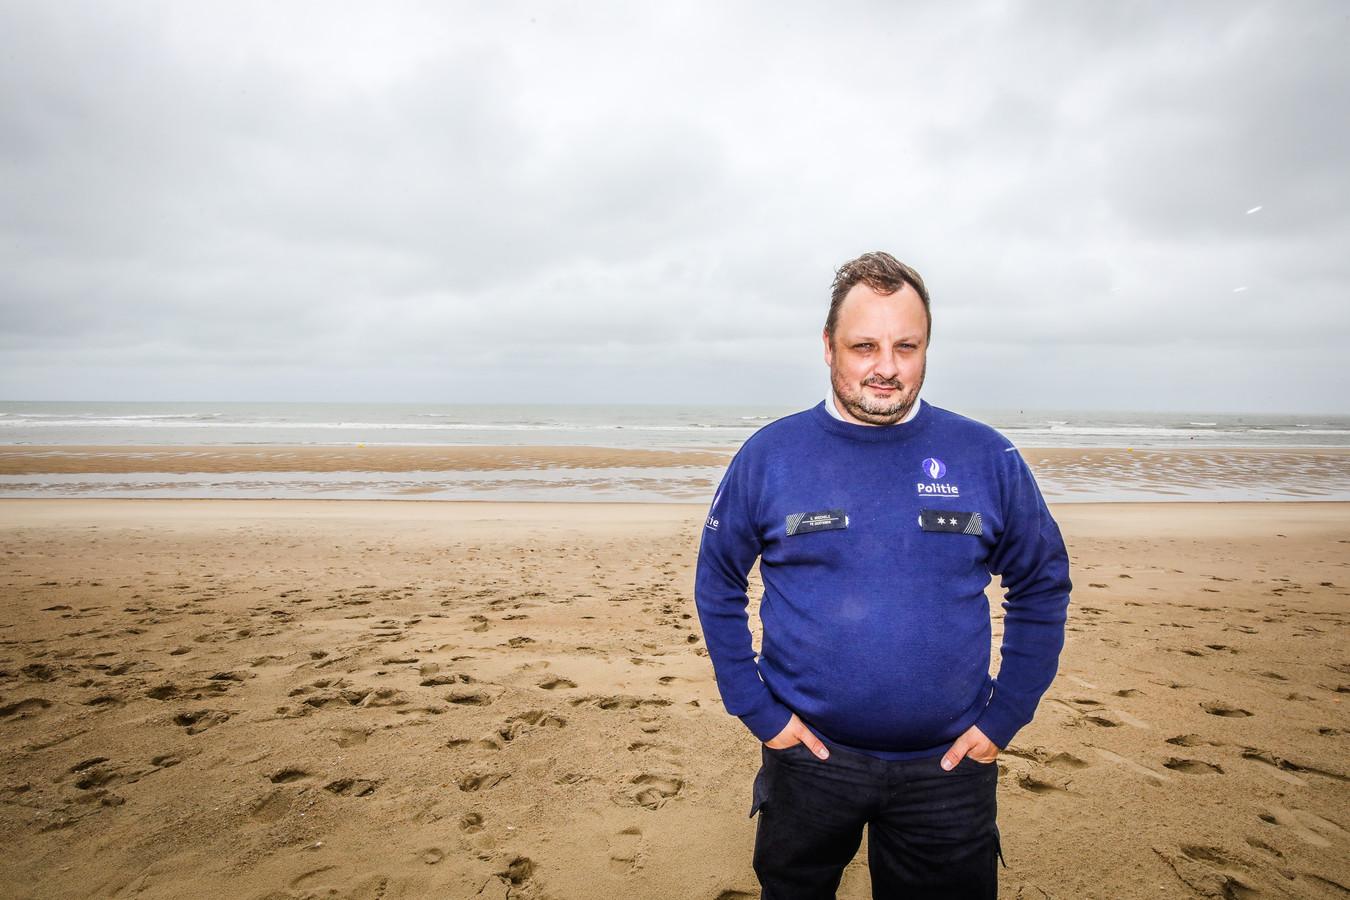 Politieman Steve Mechele (44) op het strand van Oostende. Hij liep zaterdagnacht onbevreesd de Noordzee in om een drenkeling te redden.